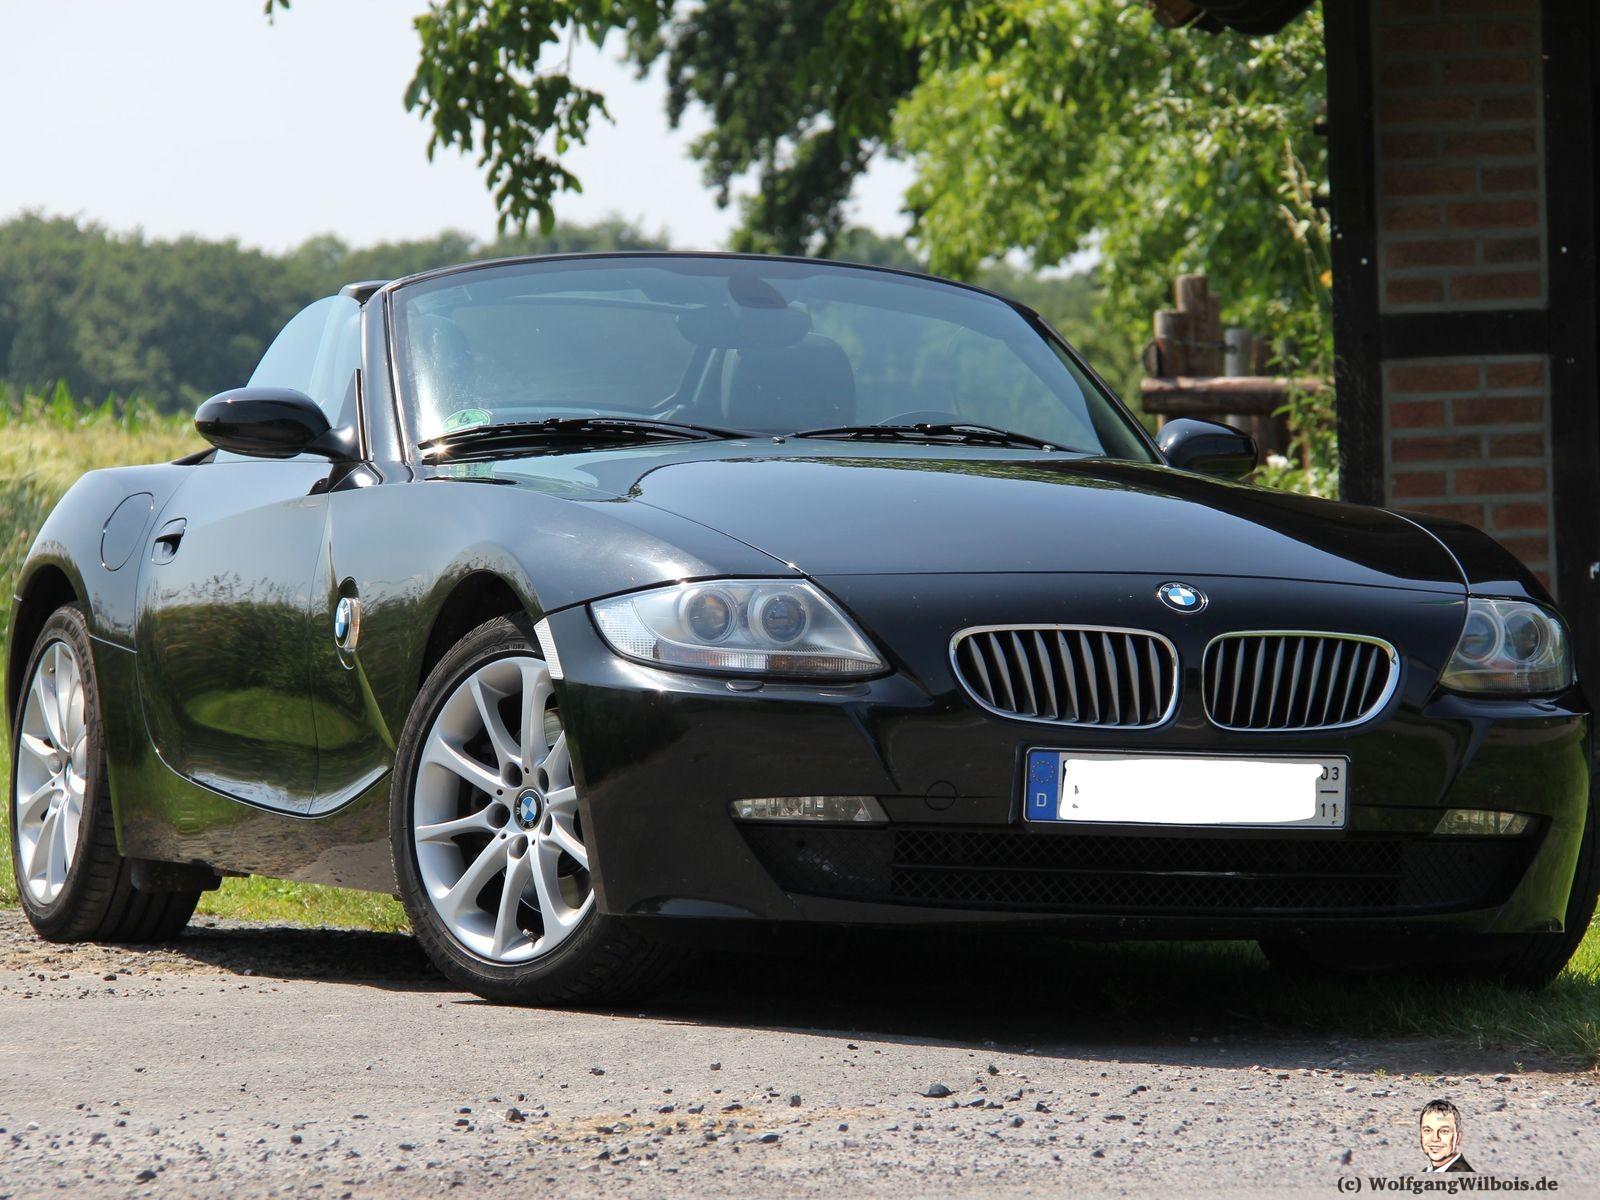 BMW Z4 3.0si schwarz mit 6 Zylinder und 265 PS